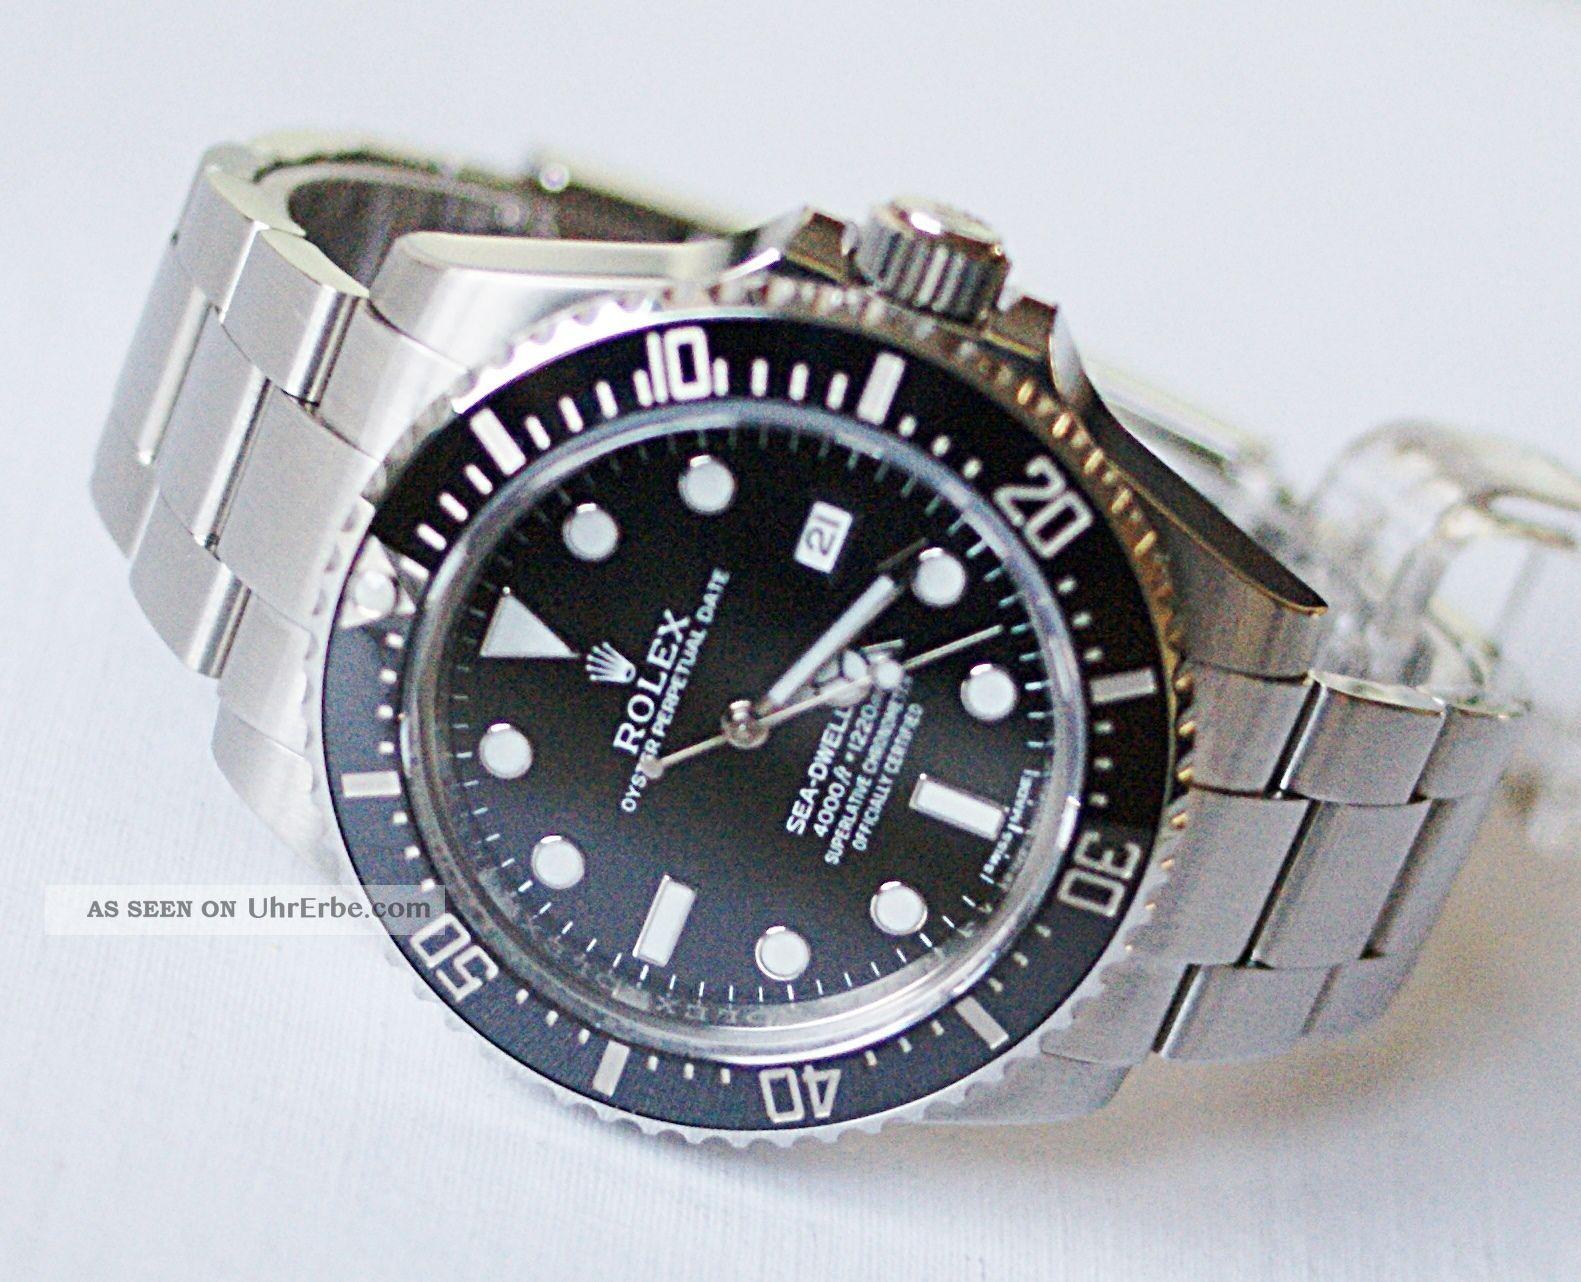 Rolex Sea Dweller 116600 Aus 11/2014 Mit Box Und Papieren Armbanduhren Bild